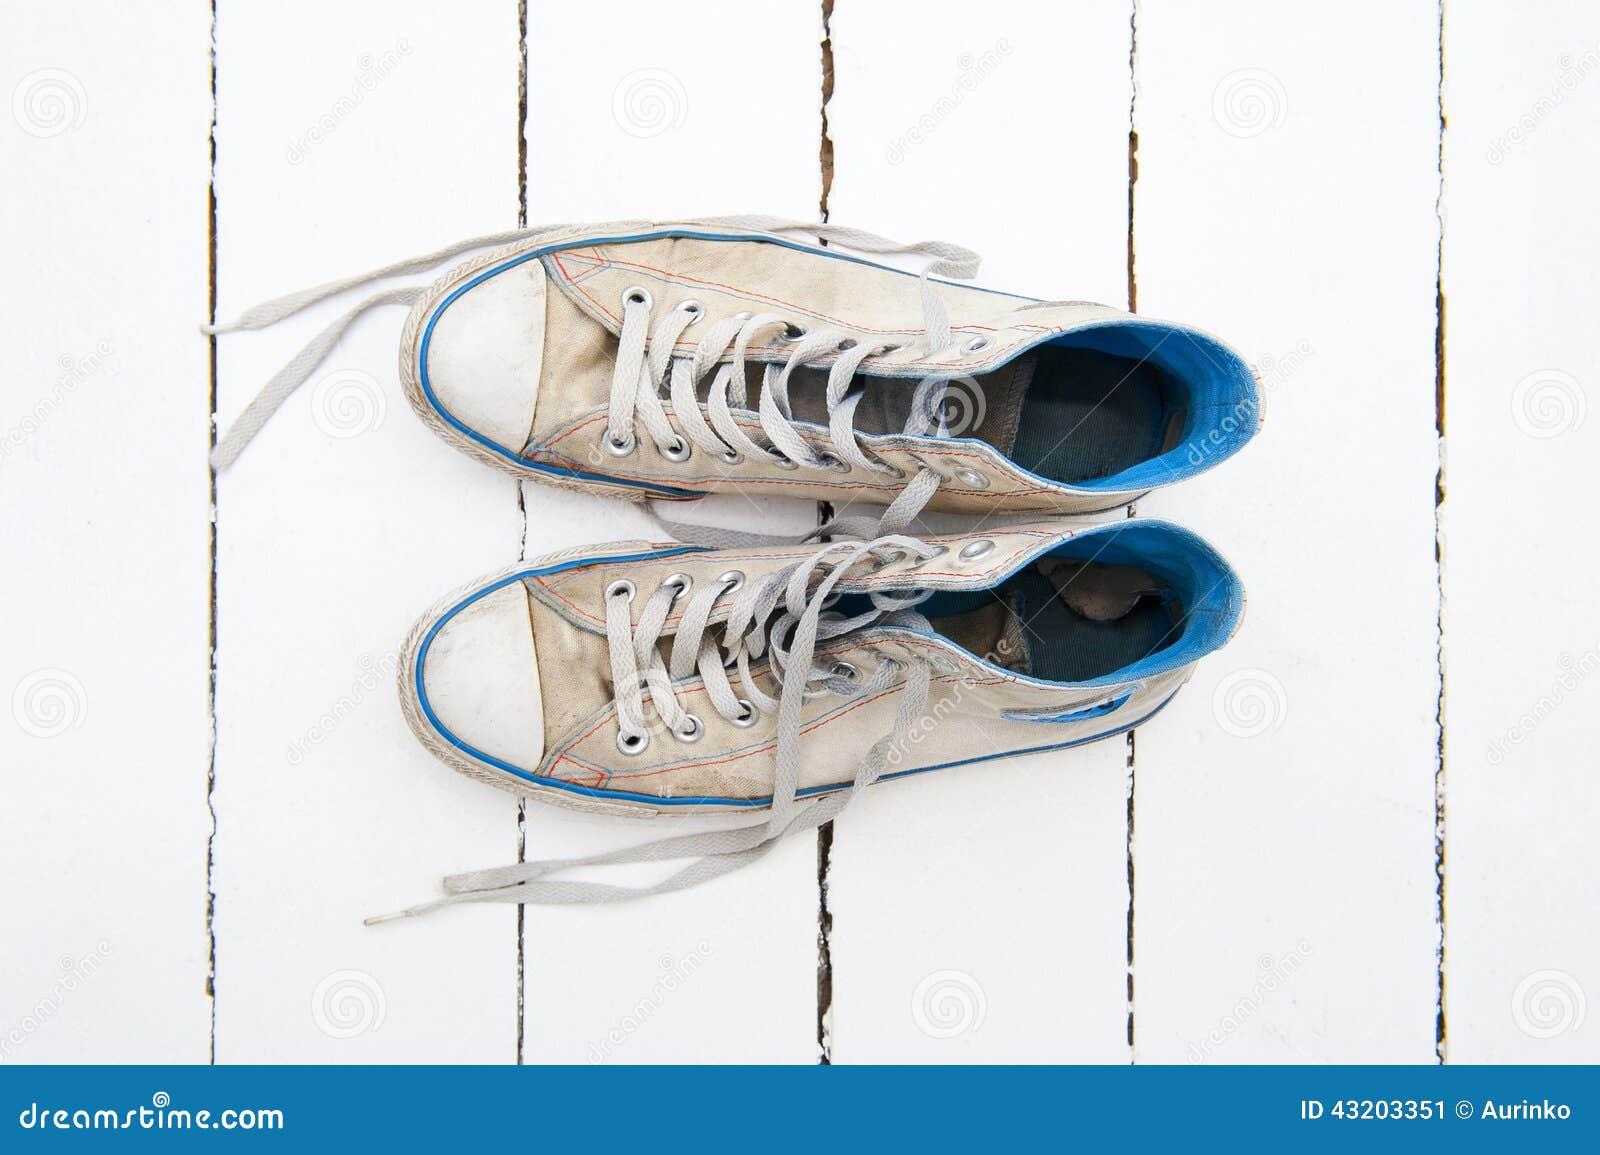 Download Shoes sporten fotografering för bildbyråer. Bild av utrustning - 43203351